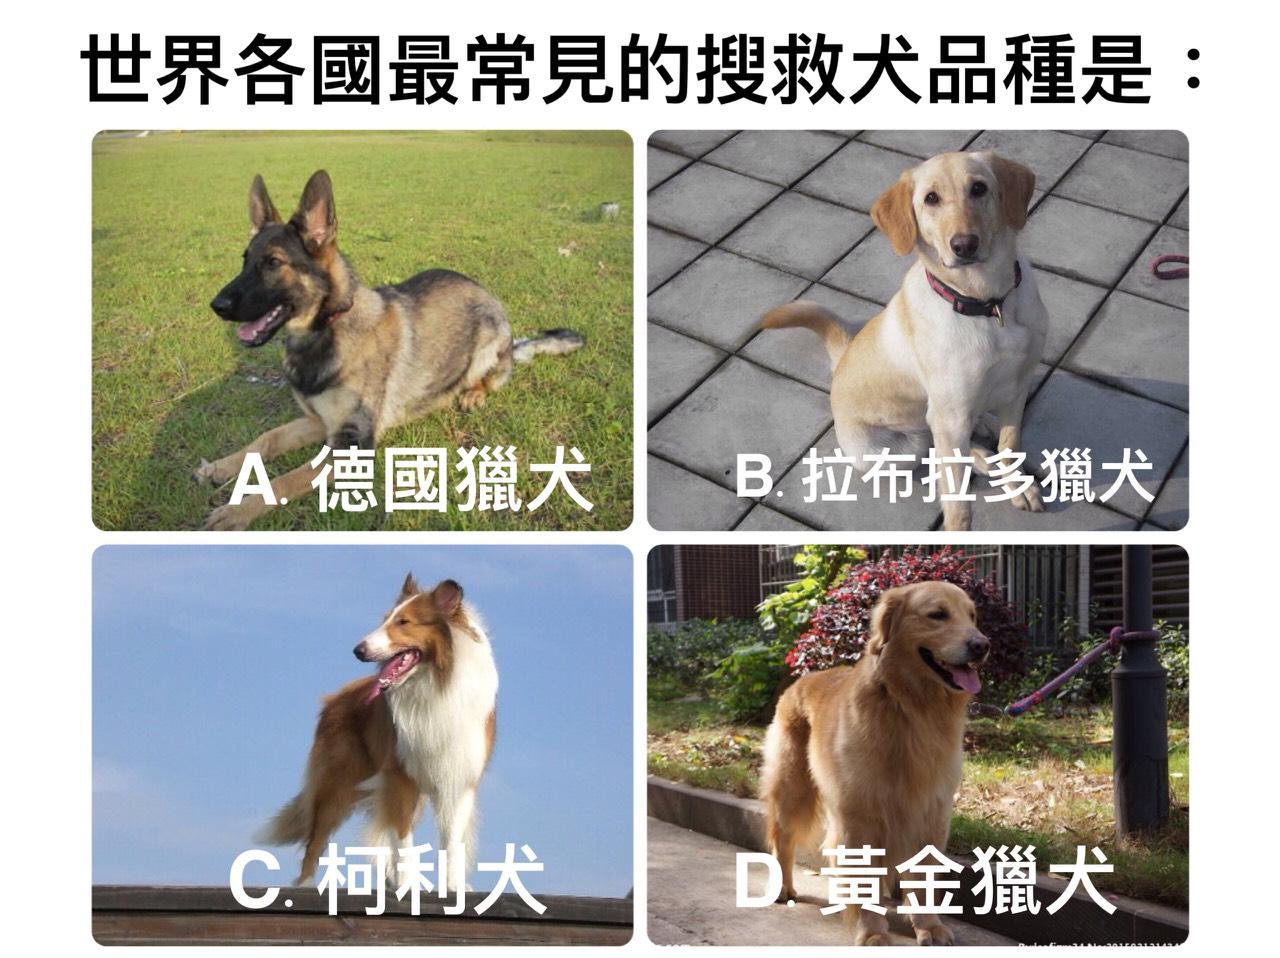 地震小測驗,請問,世界各國最常見的搜救犬品種是?